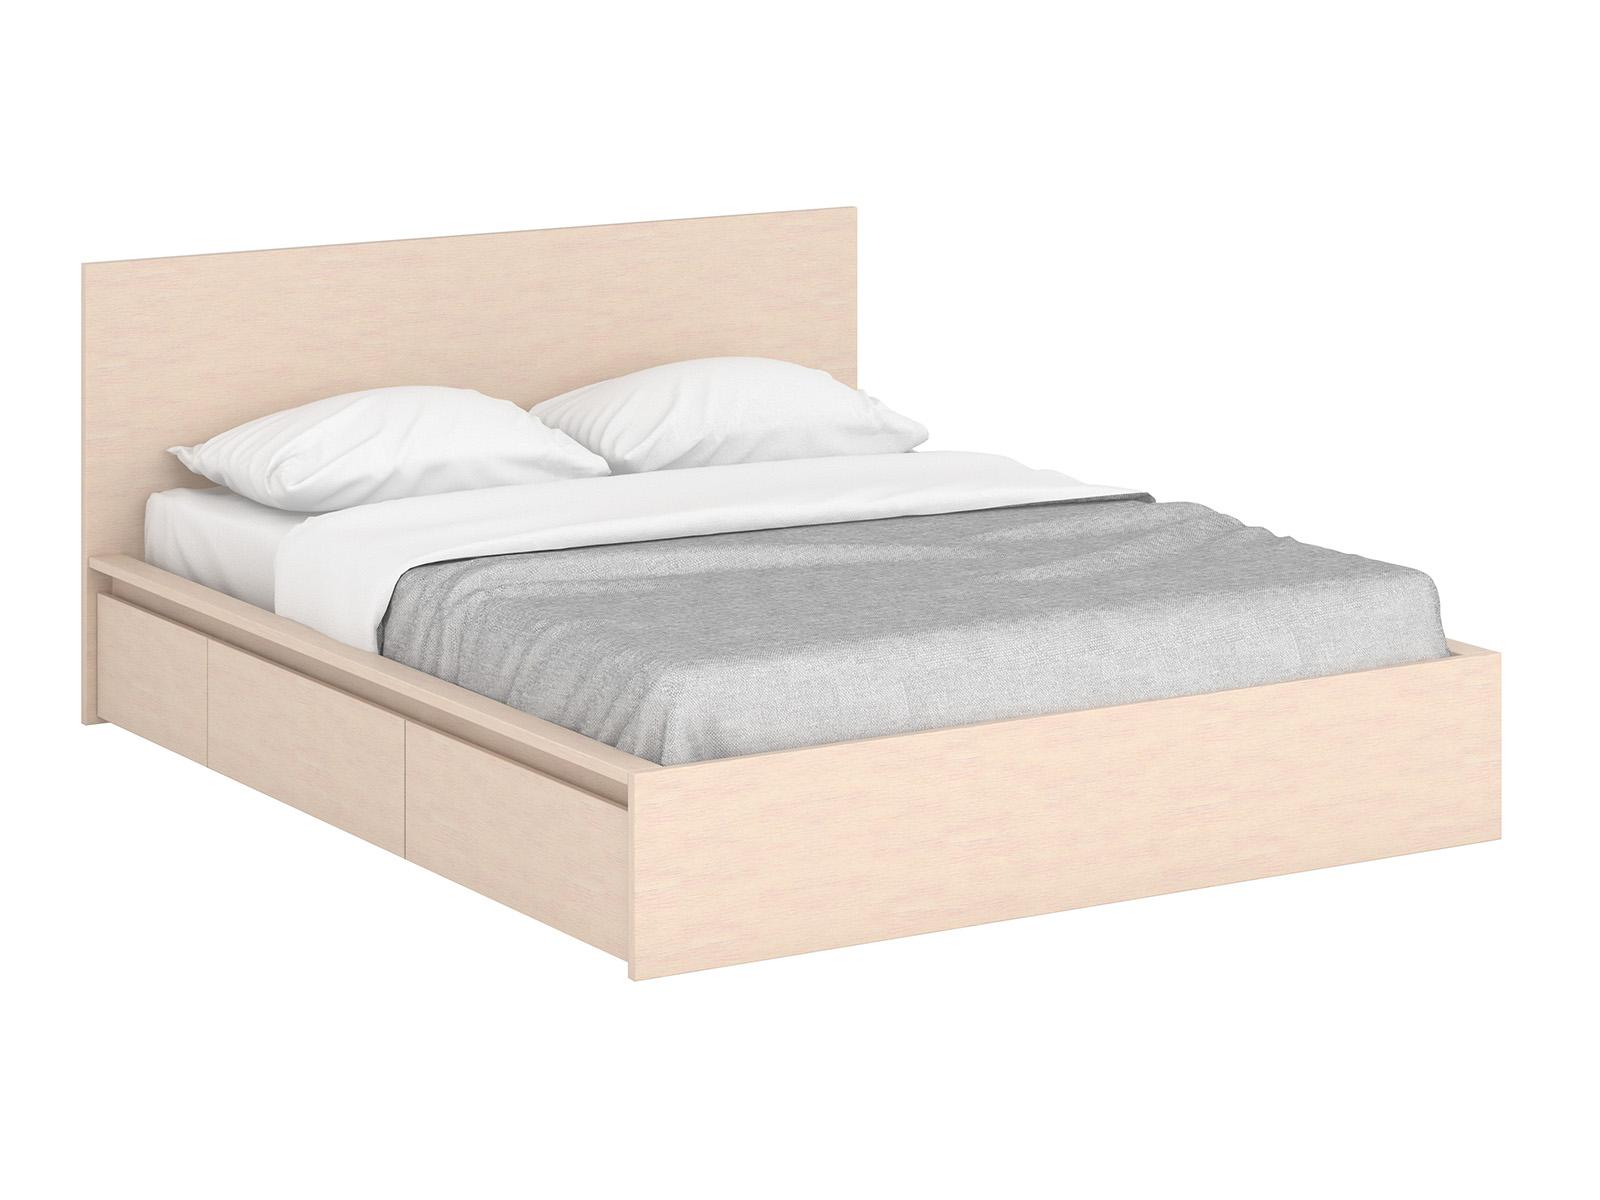 Кровать UnitДеревянные кровати<br>Кровать двуспальная с 4 выкатными ящиками для белья и двумя выдвижными тумбами у изголовья. Основание кровати  - щитовое, с отверстиями для вентиляции.&amp;amp;nbsp;&amp;lt;div&amp;gt;&amp;lt;br&amp;gt;&amp;lt;/div&amp;gt;&amp;lt;div&amp;gt;Размер спального места 160х200 cм&amp;lt;/div&amp;gt;&amp;lt;div&amp;gt;Изделие представлено в варианте цвета «Выбеленный дуб»&amp;lt;/div&amp;gt;<br><br>Material: ДСП<br>Length см: 206<br>Width см: 155<br>Height см: 87